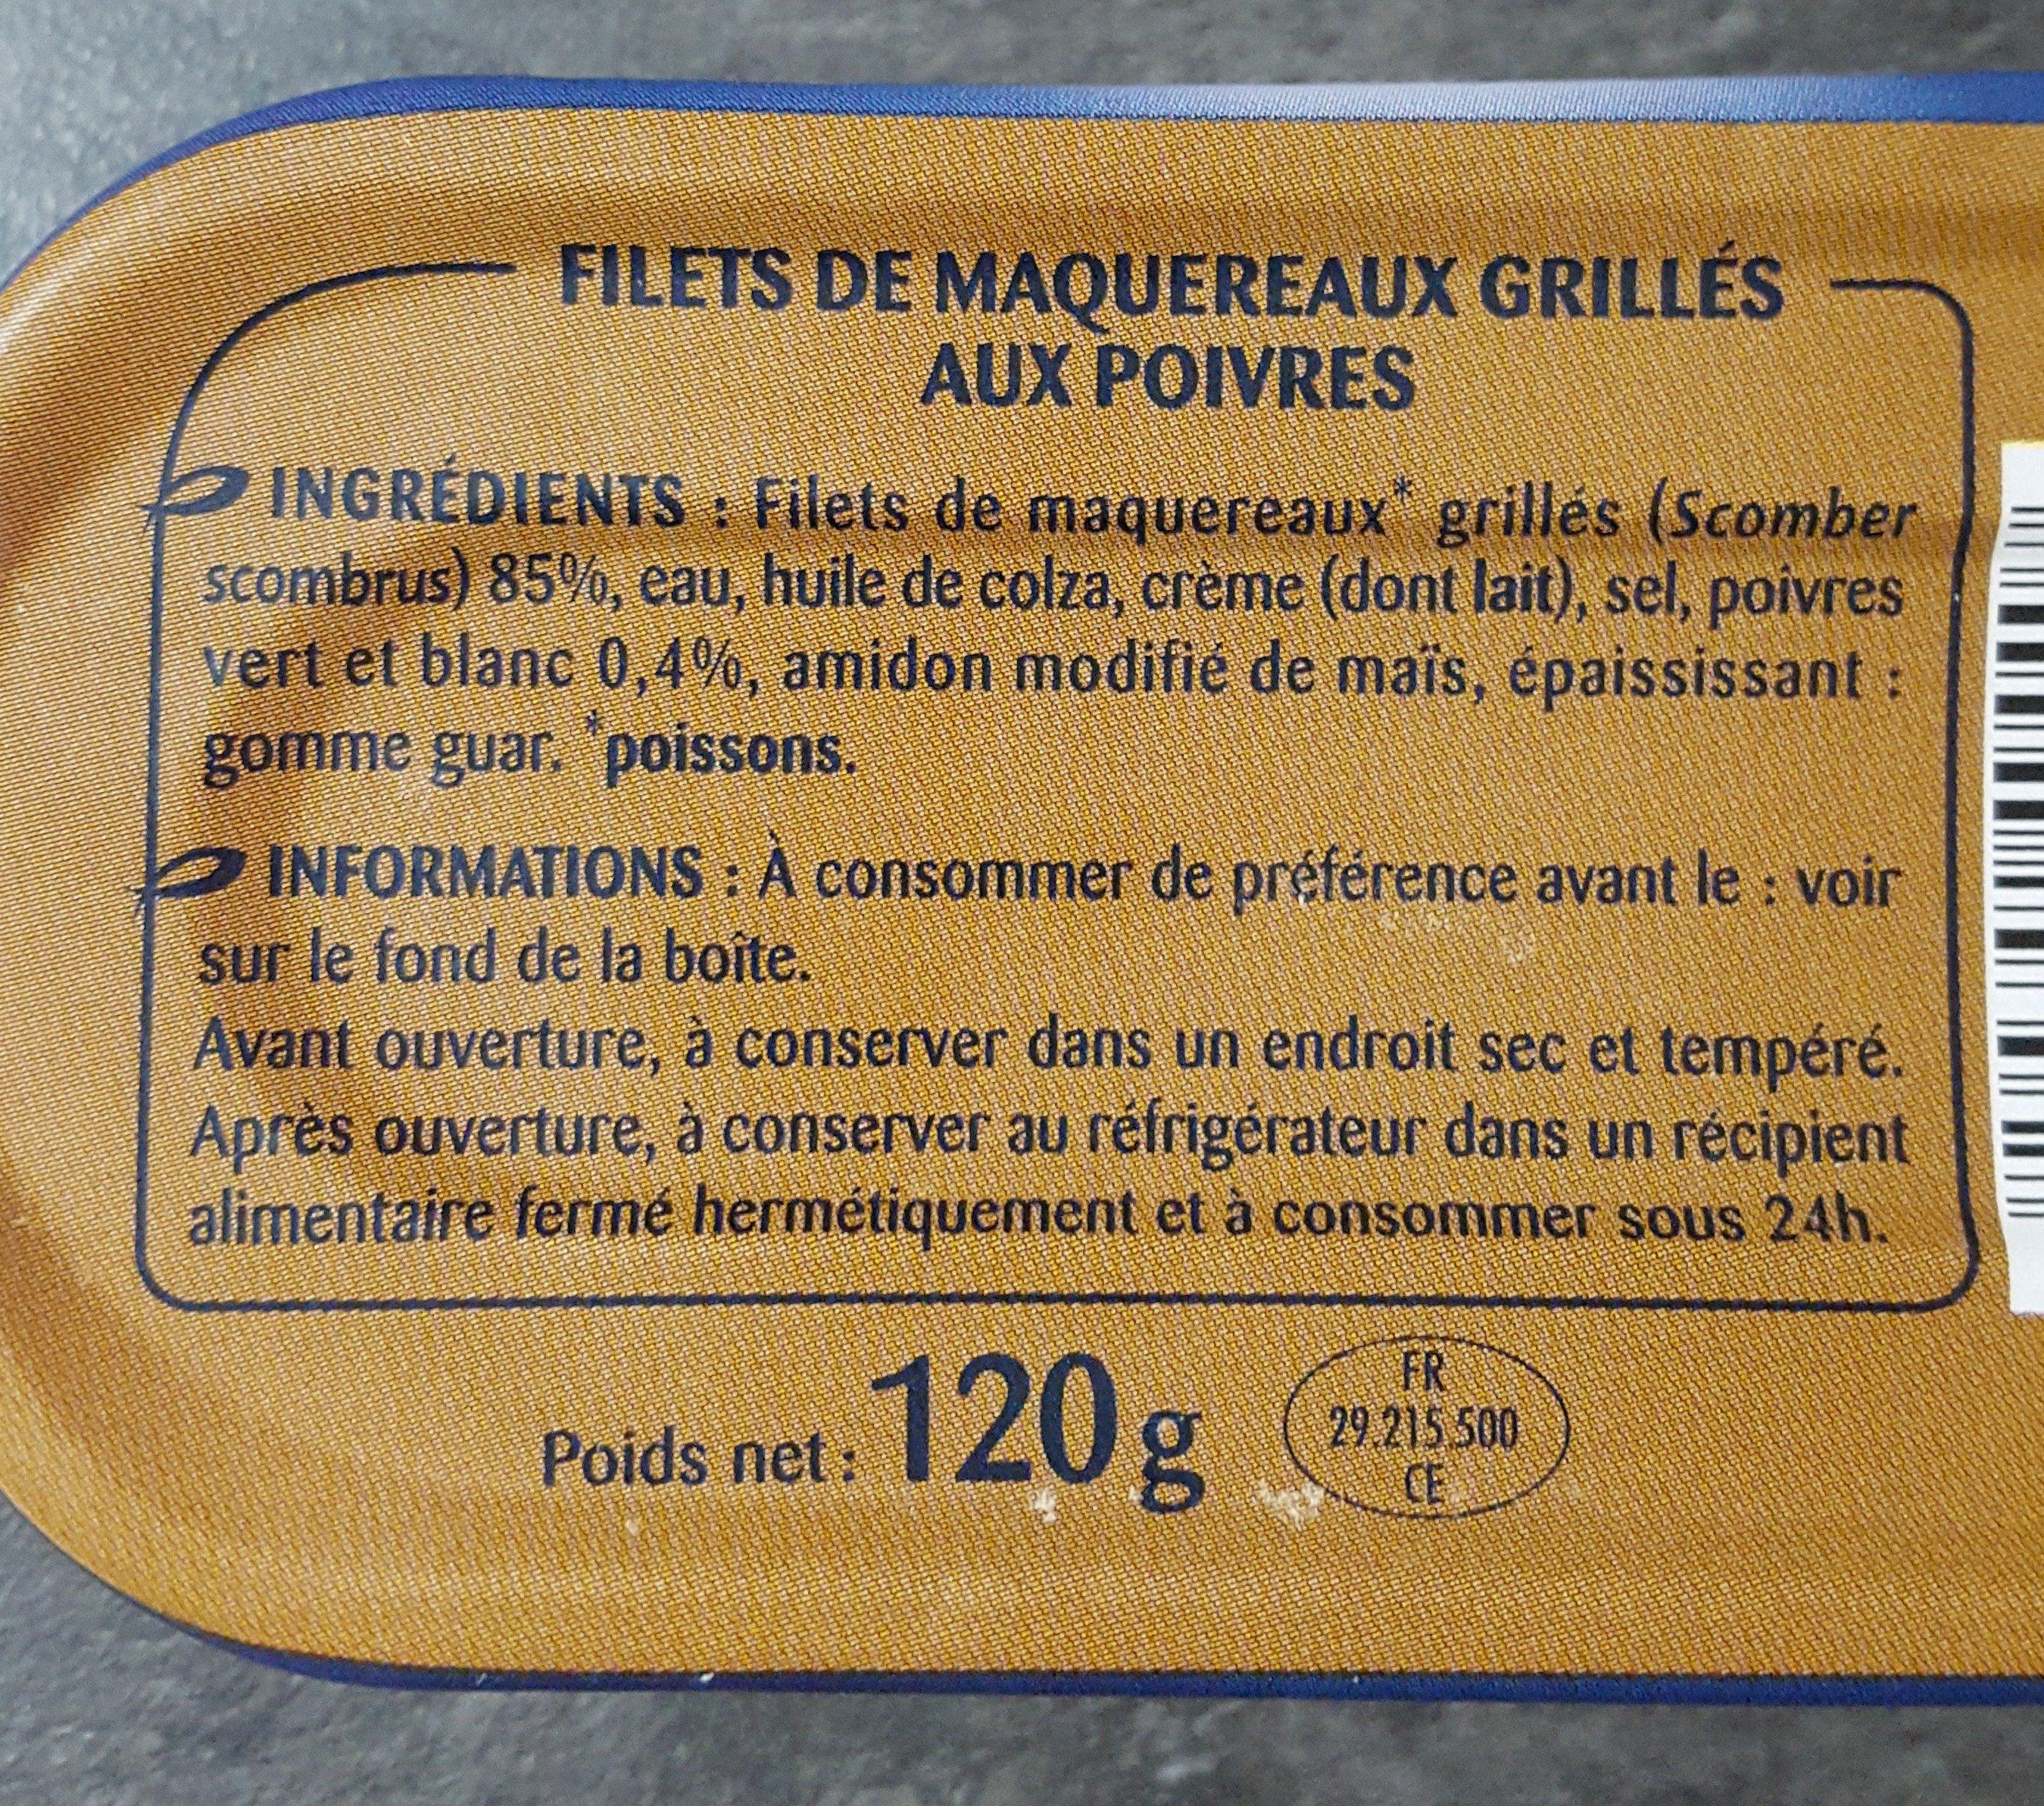 Filets de maquereaux grillés aux poivres - Ingredients